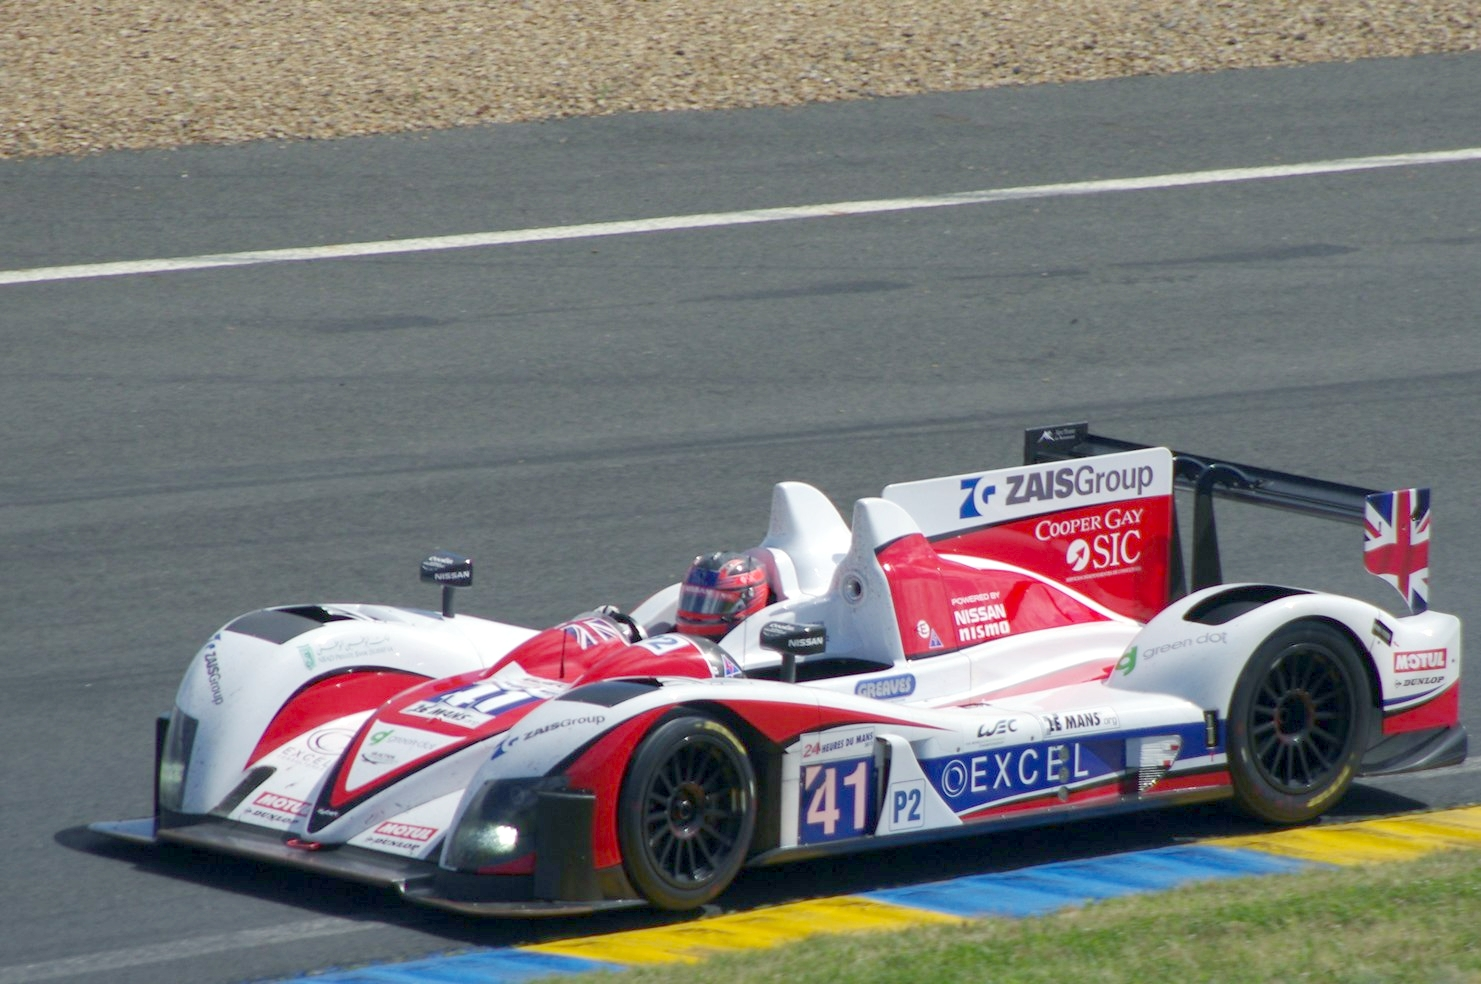 Zytek_Z11SN_Nissan_Greaves_Motorsport_Le_Mans_2012.jpg